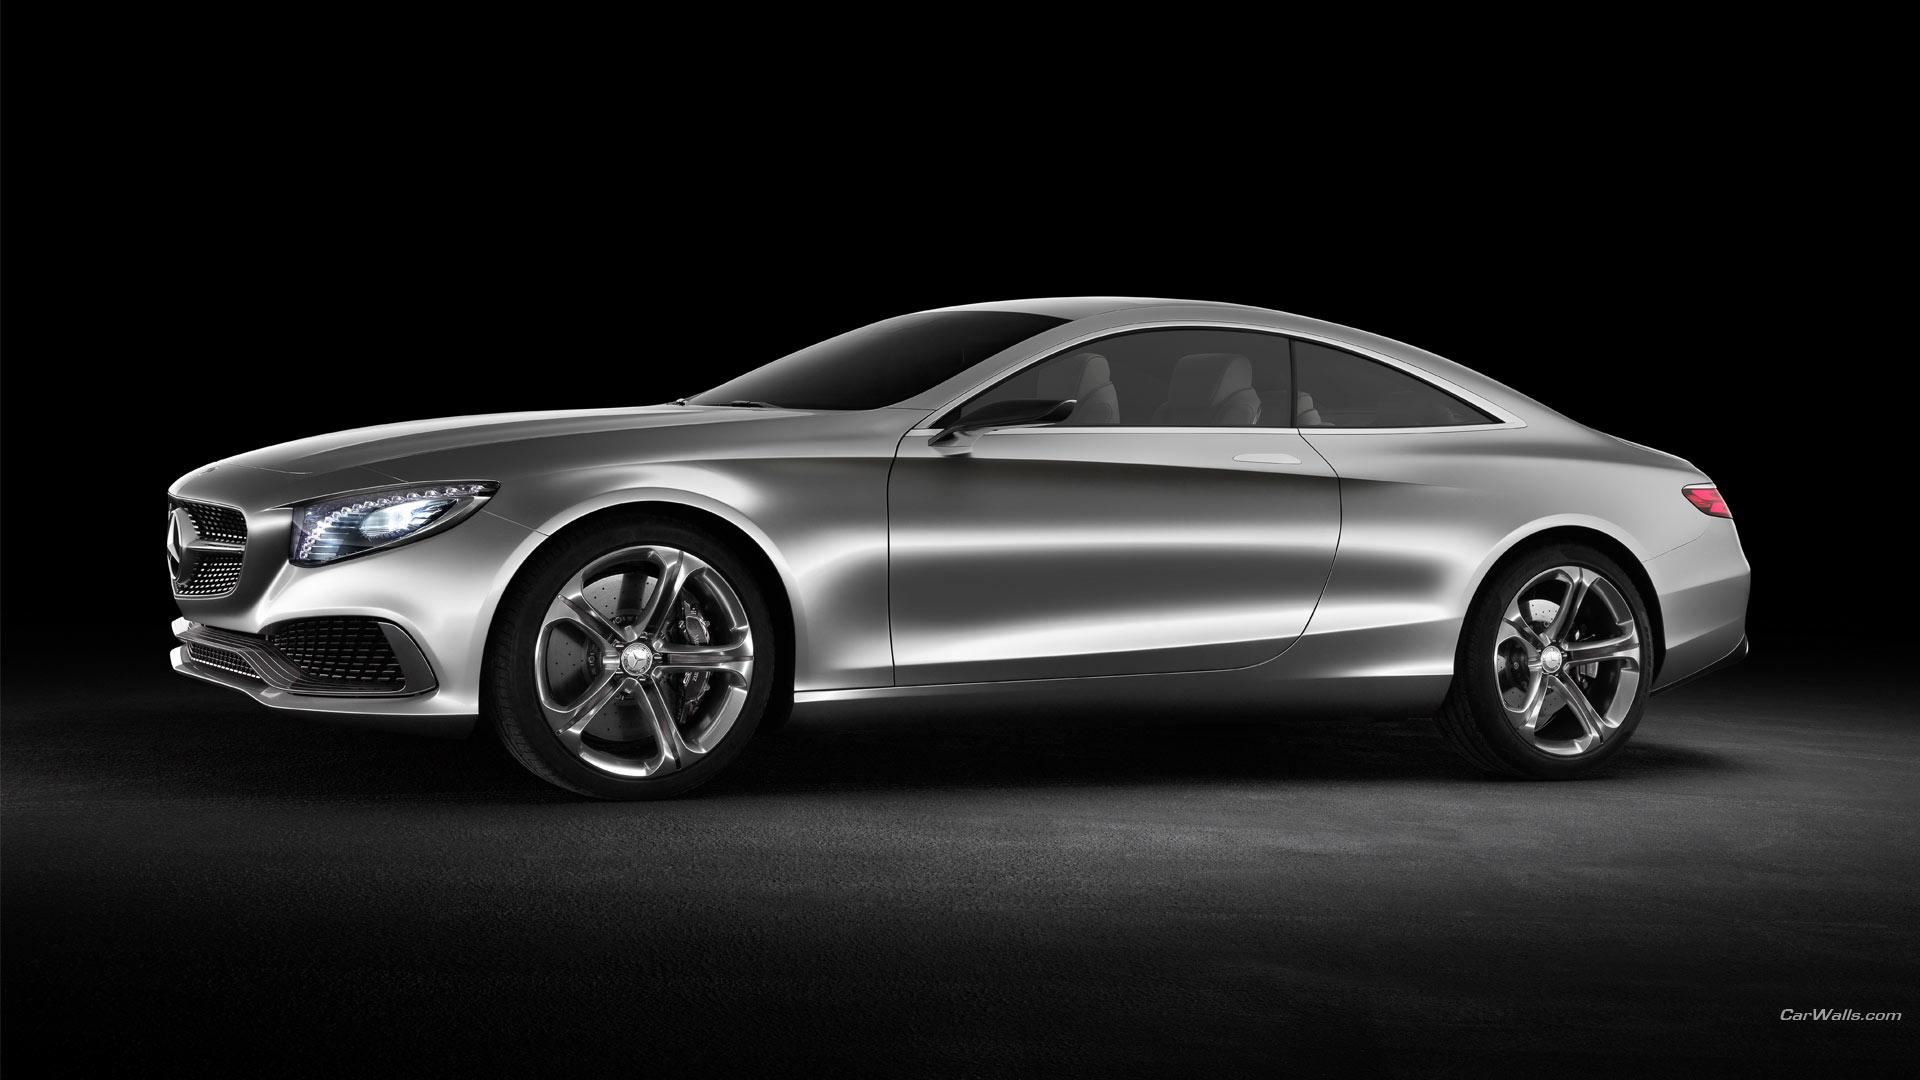 Mercedes Benz S Class Coupe Fondo De Pantalla Hd Fondo De